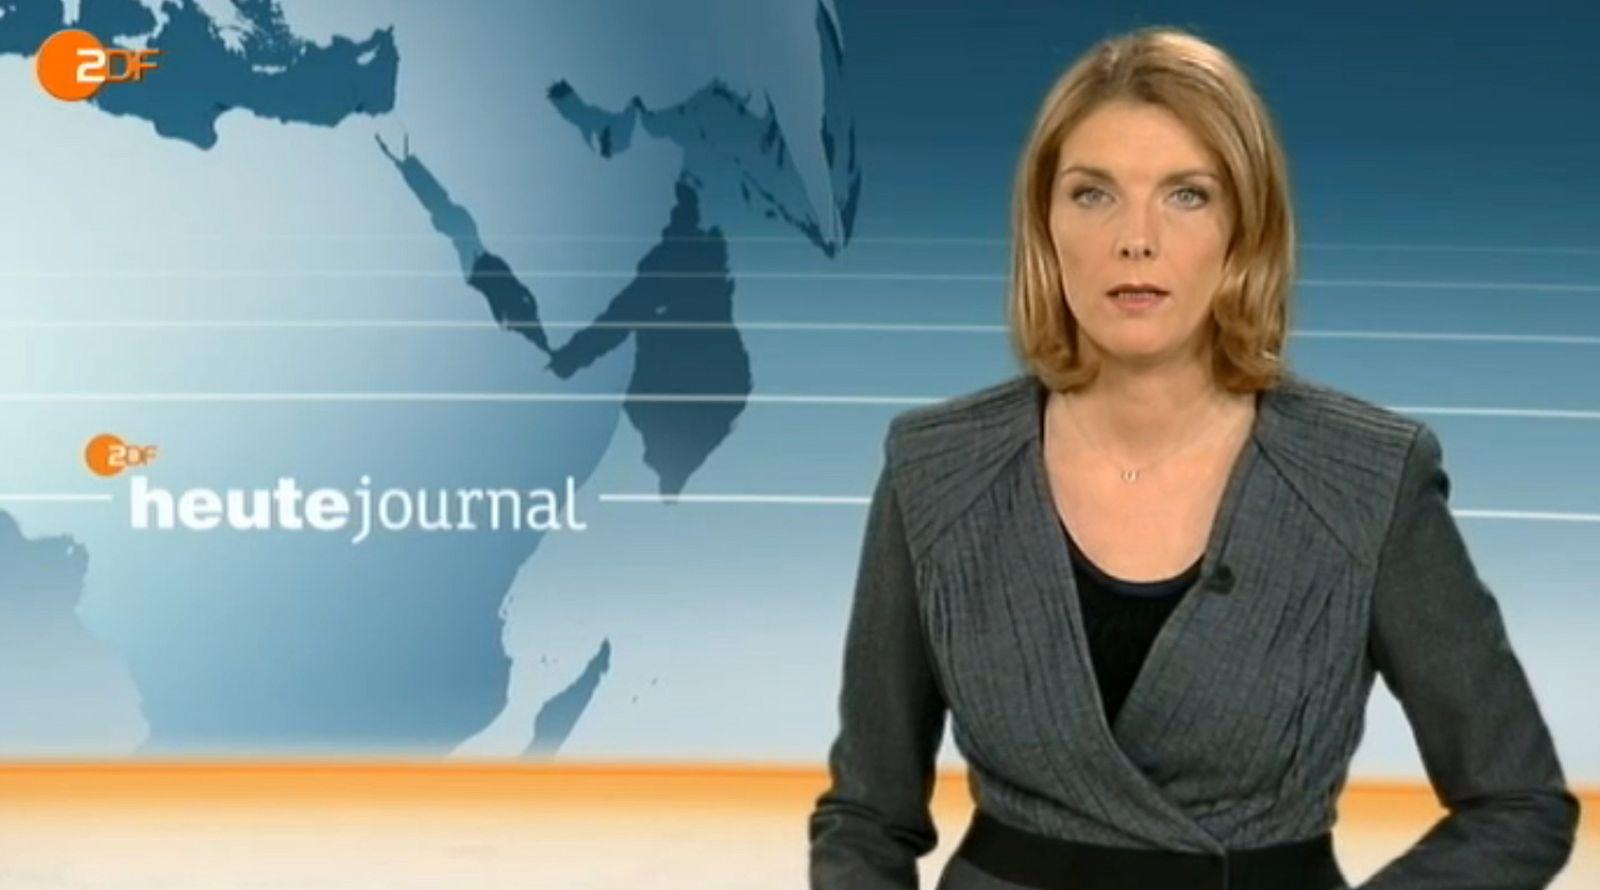 NUR ALS ZITAT!!! Screen/ Heute Journal/ Erdbeben Japan/ Slomka